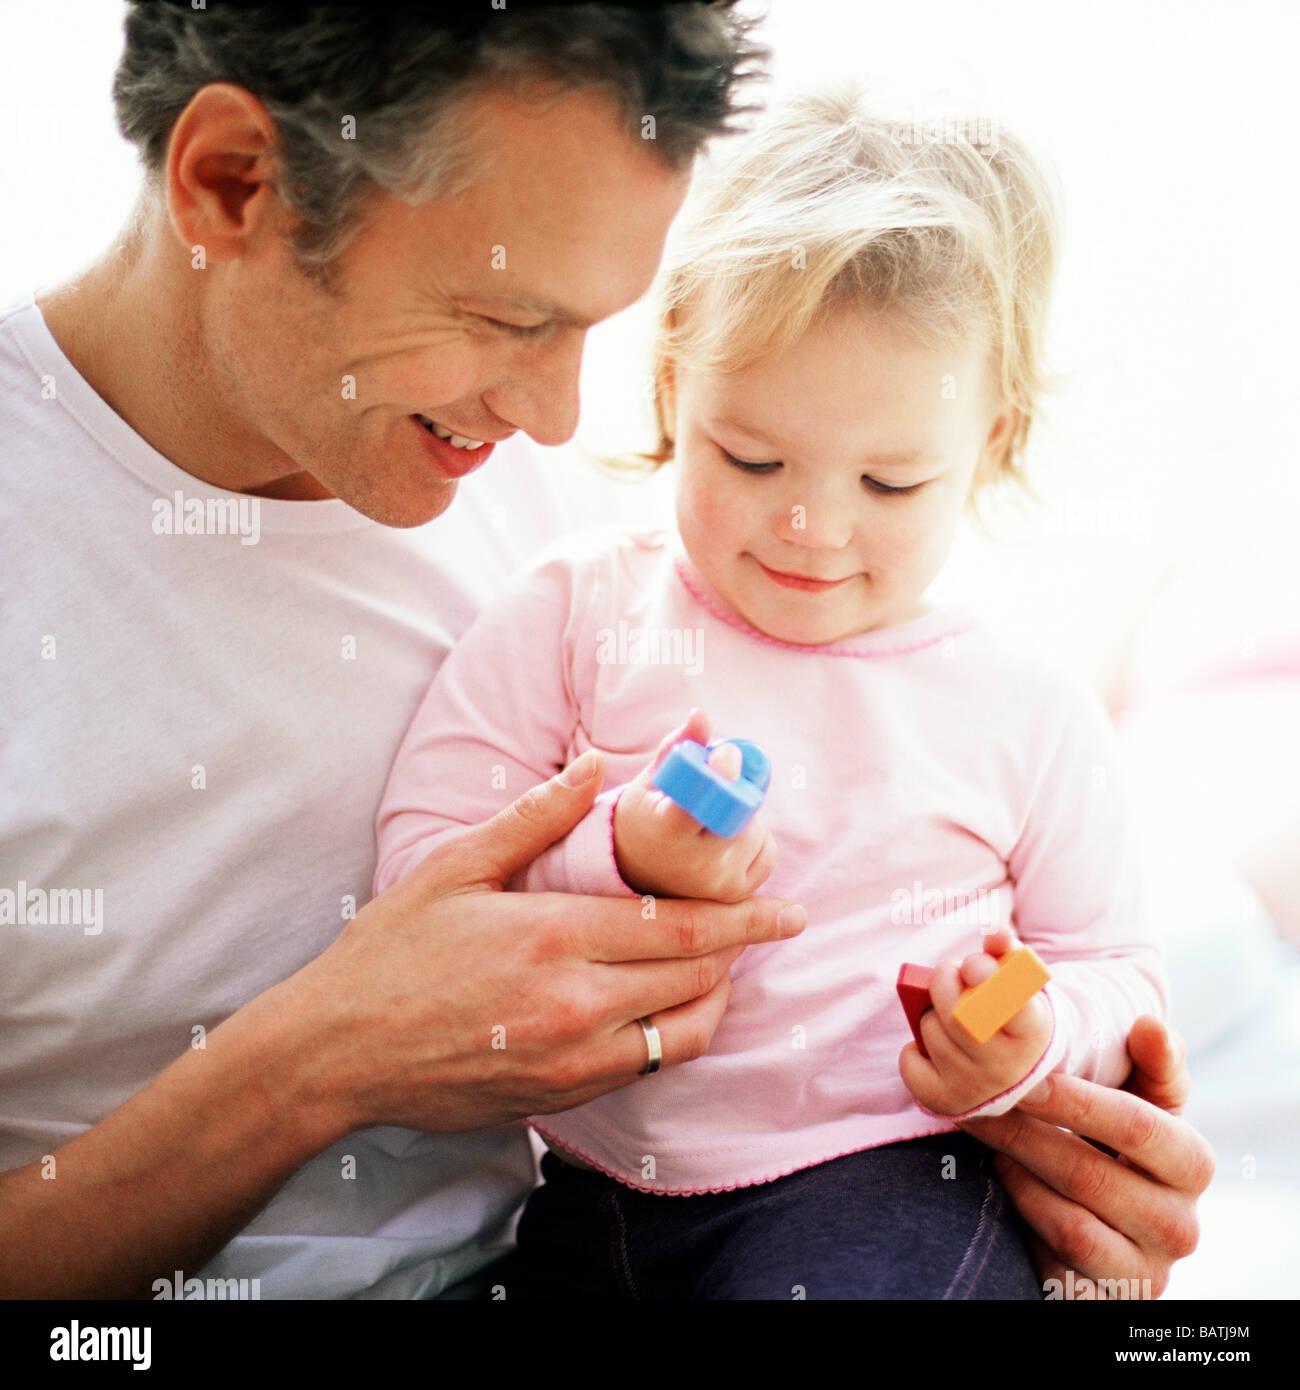 Vaterschaft. Vater spielt mit seiner einjährigen Tochter und hielt sie auf seinem Schoß. Stockbild